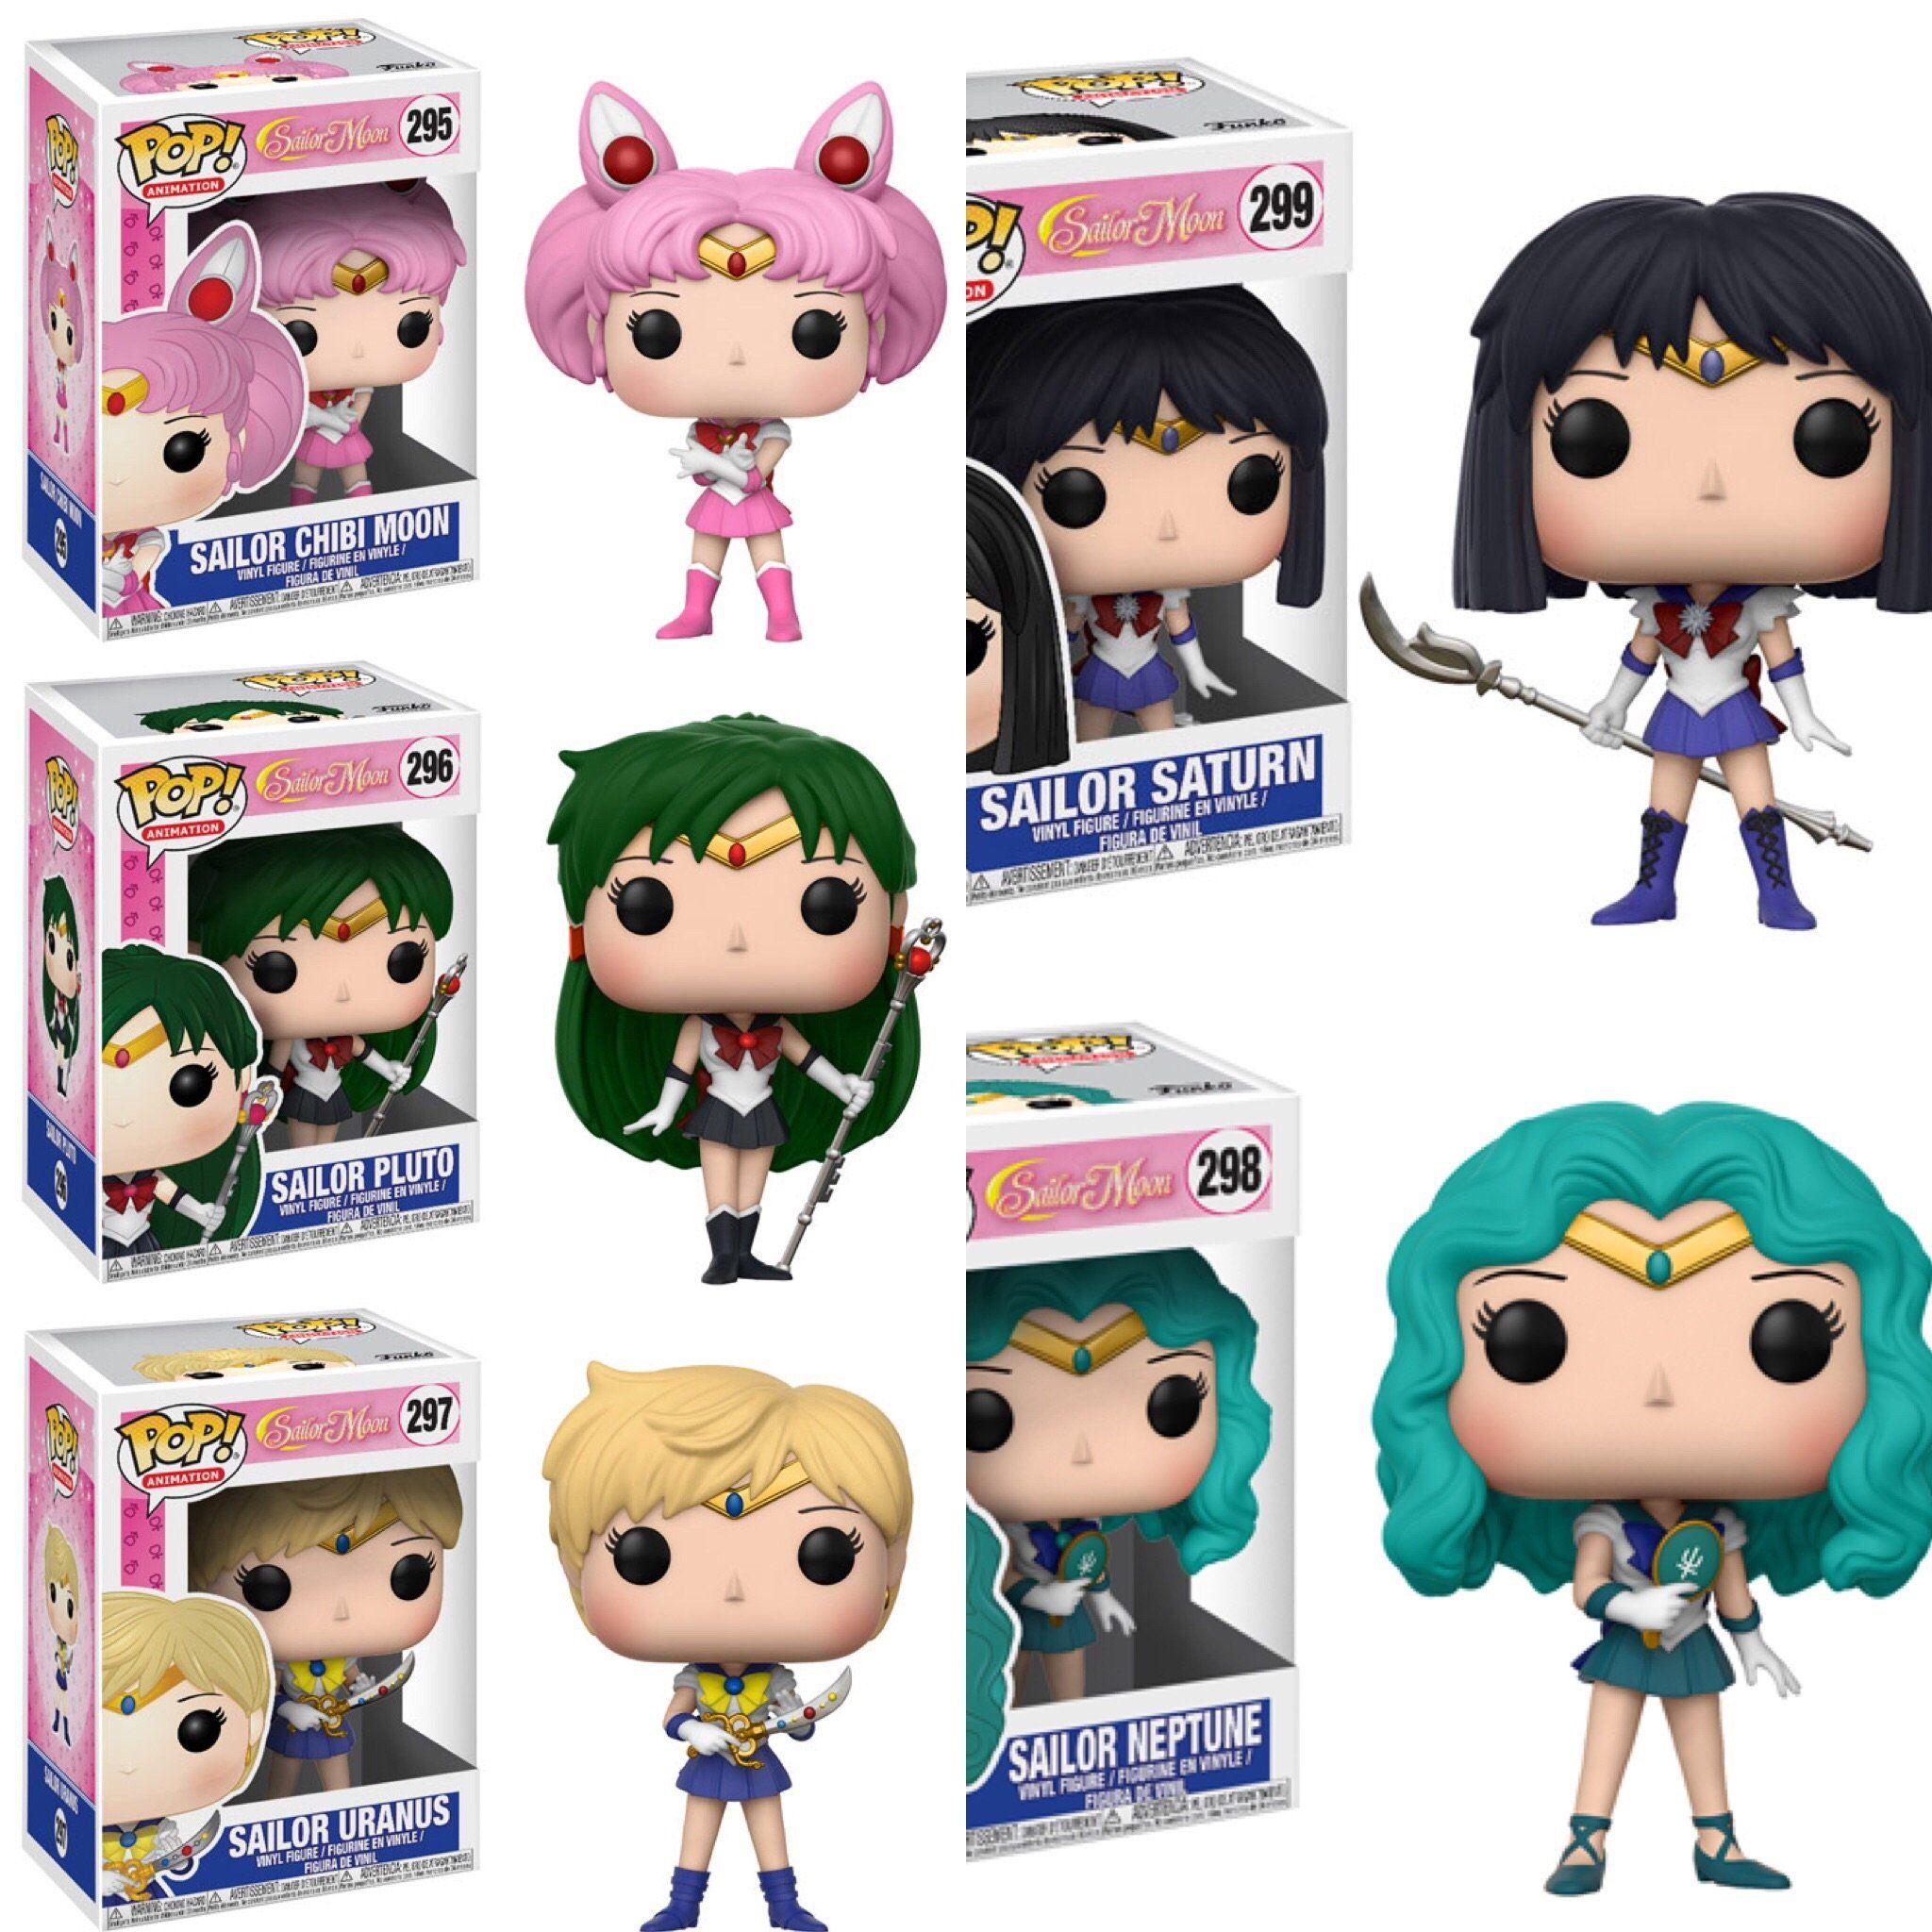 d6fd277335d Funko Pop Animation Sailor Moon Wave 2 - Set of 5